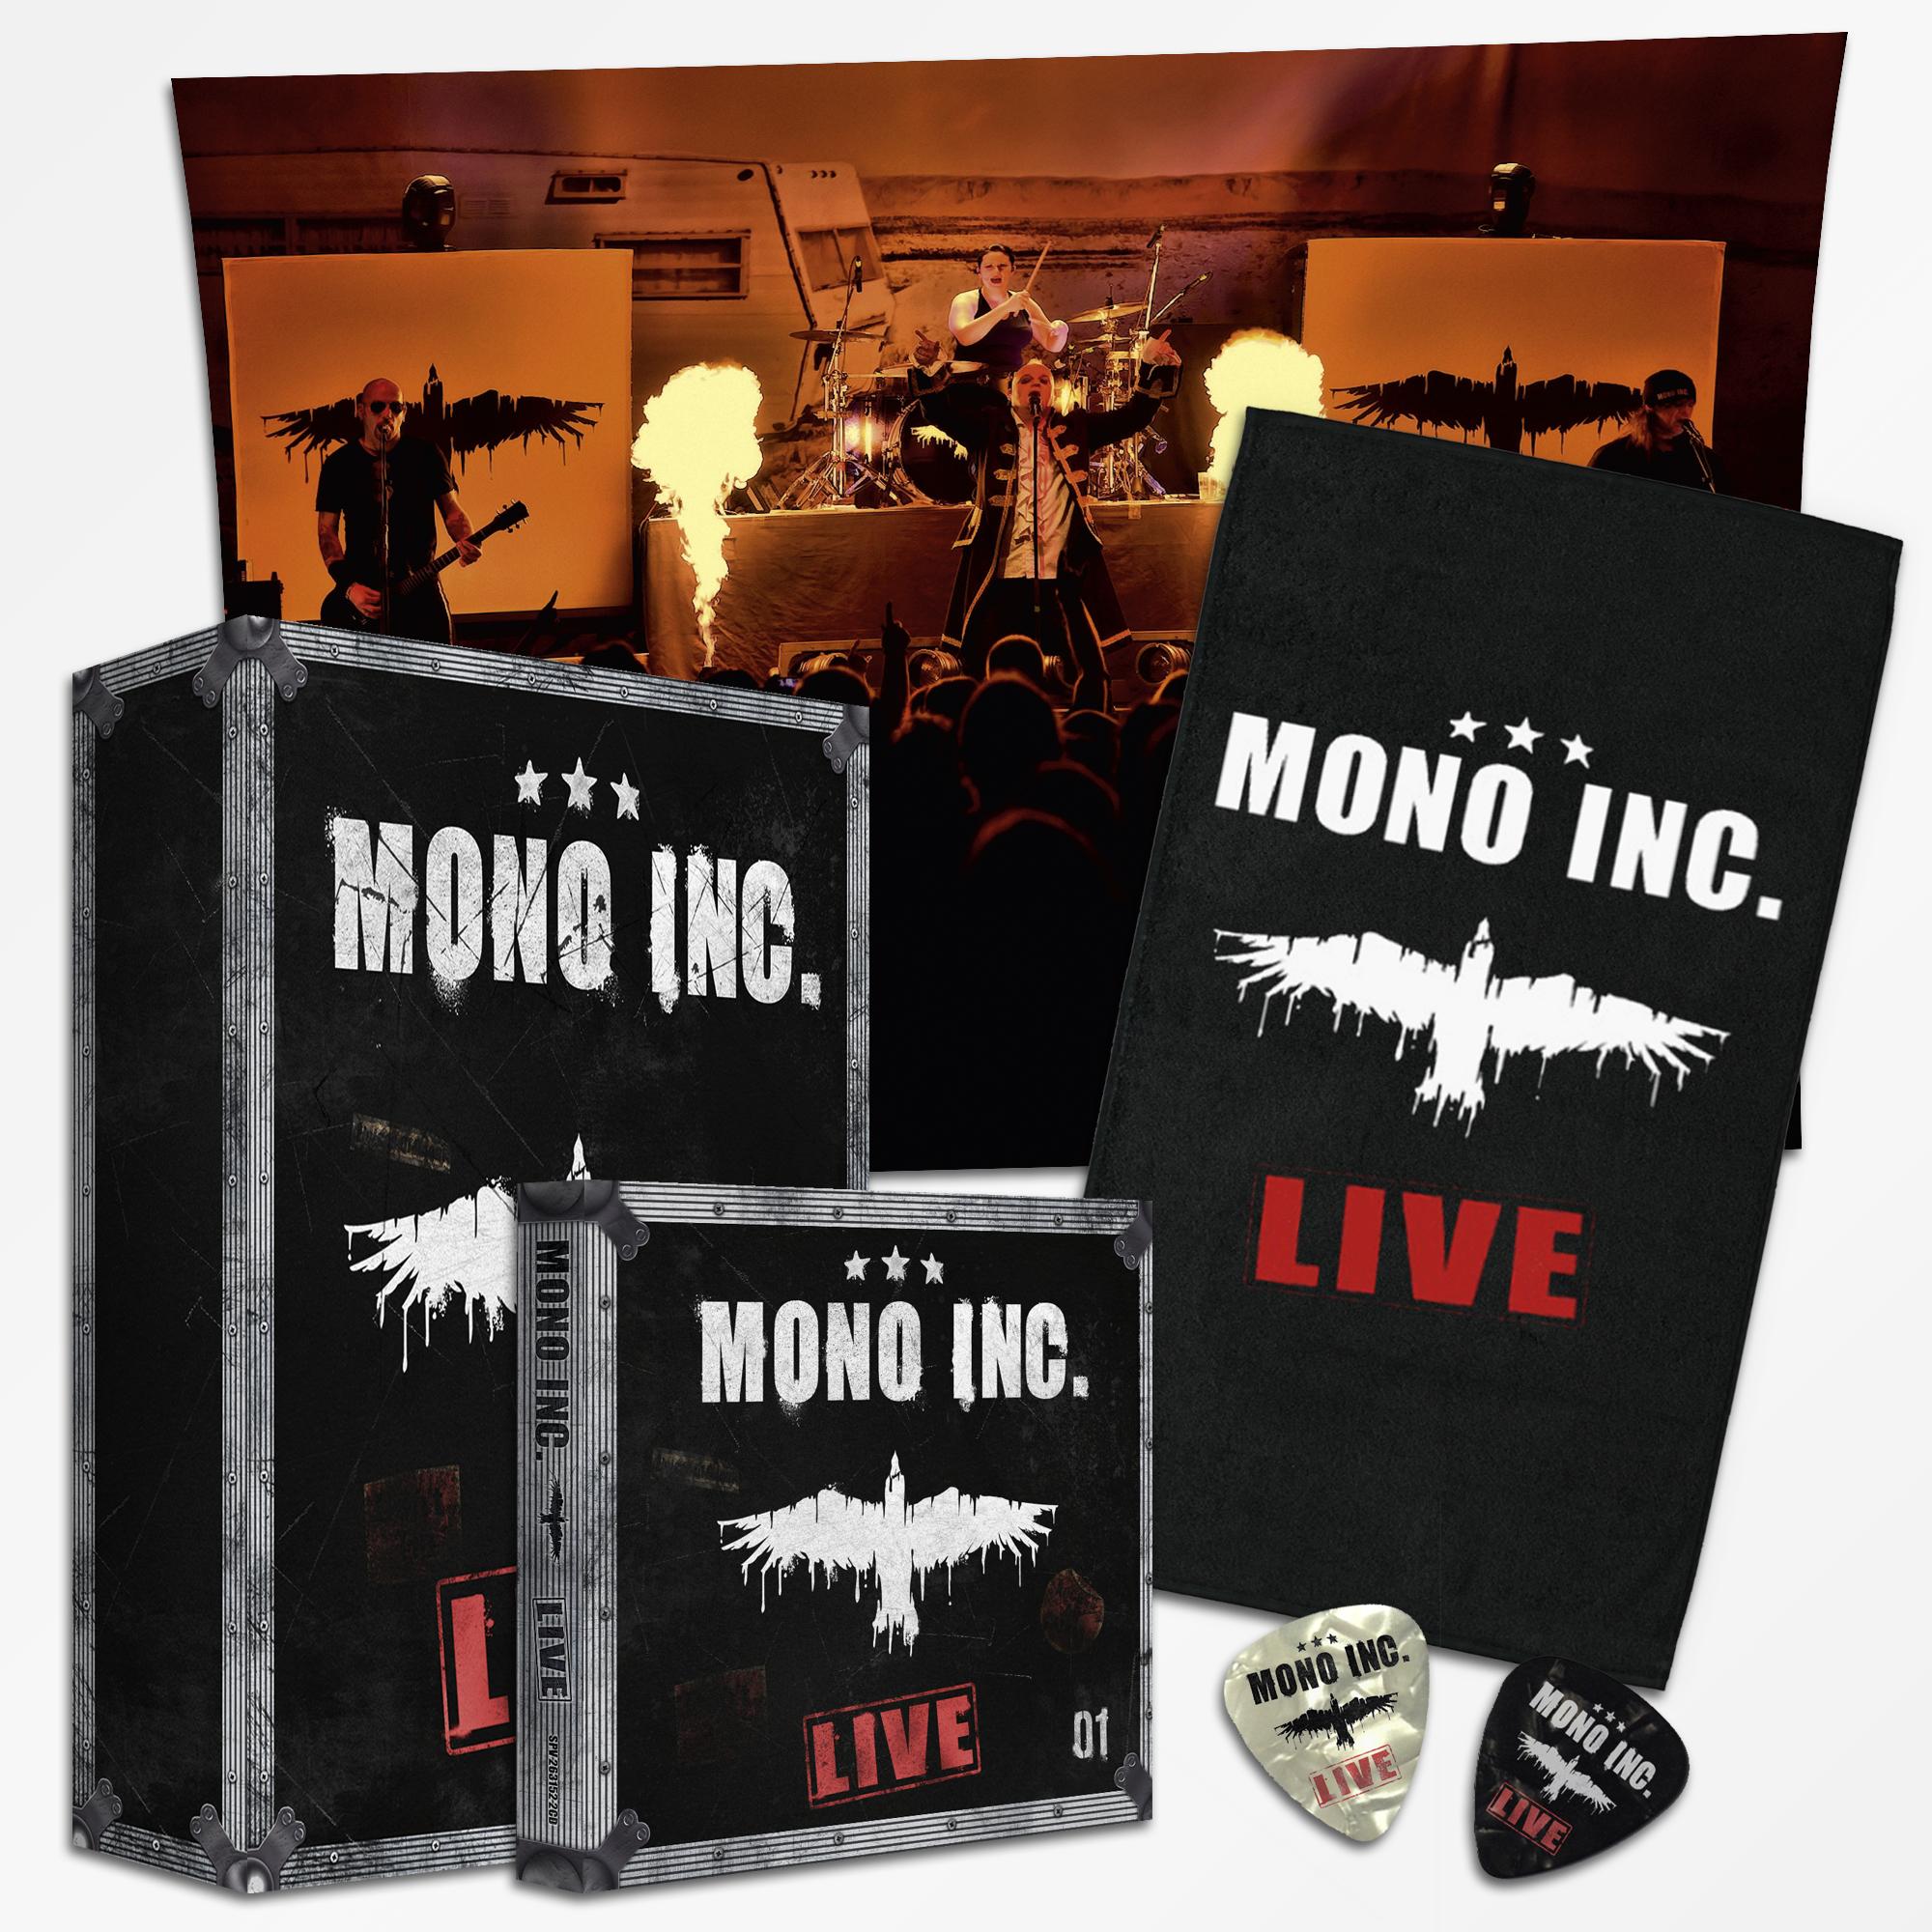 MONO INC. Live (limitierte Deluxe-Box)